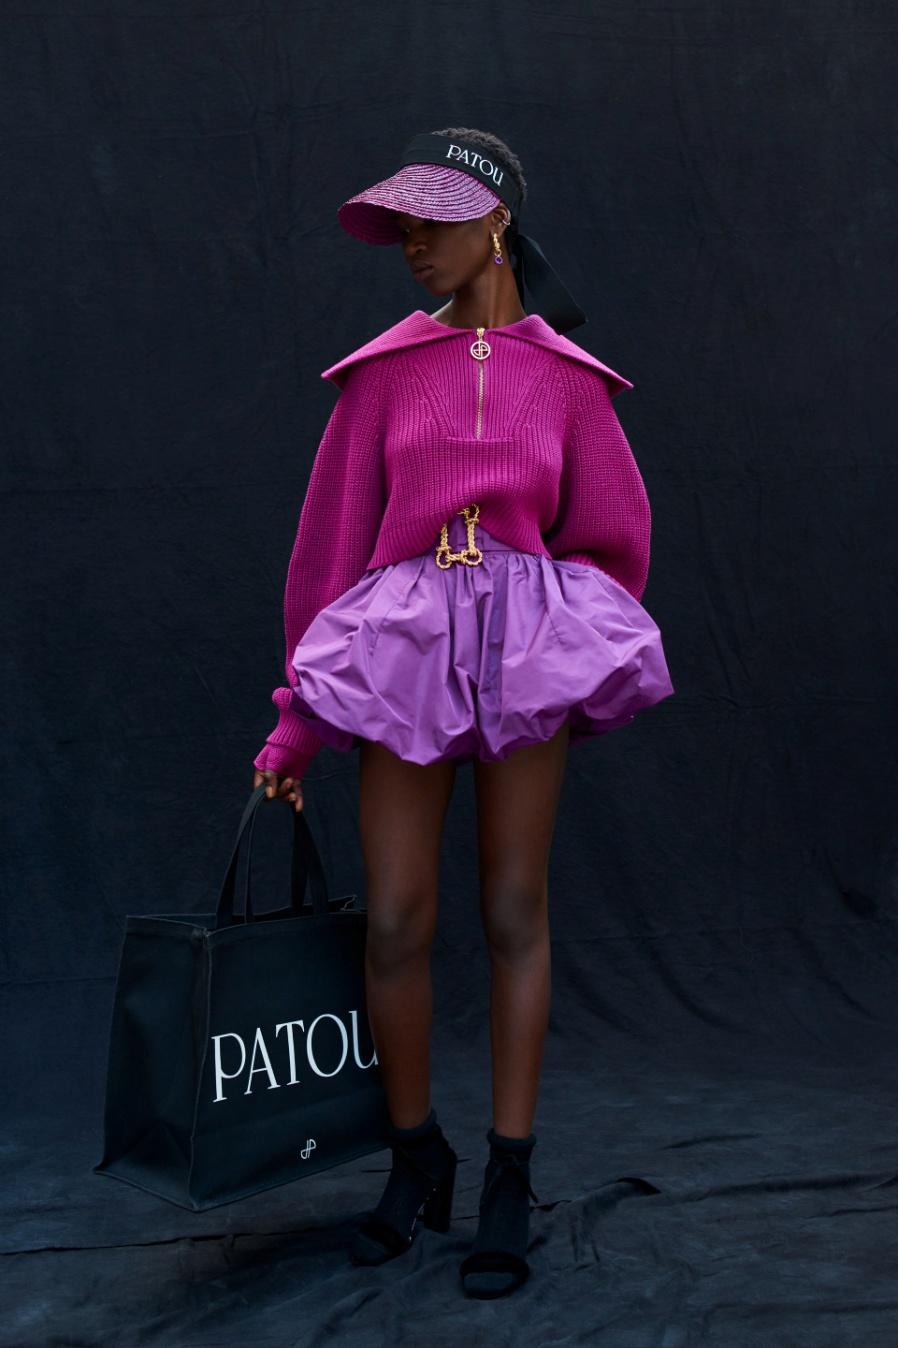 Paris 1. payou bubble shorts vog.jpg